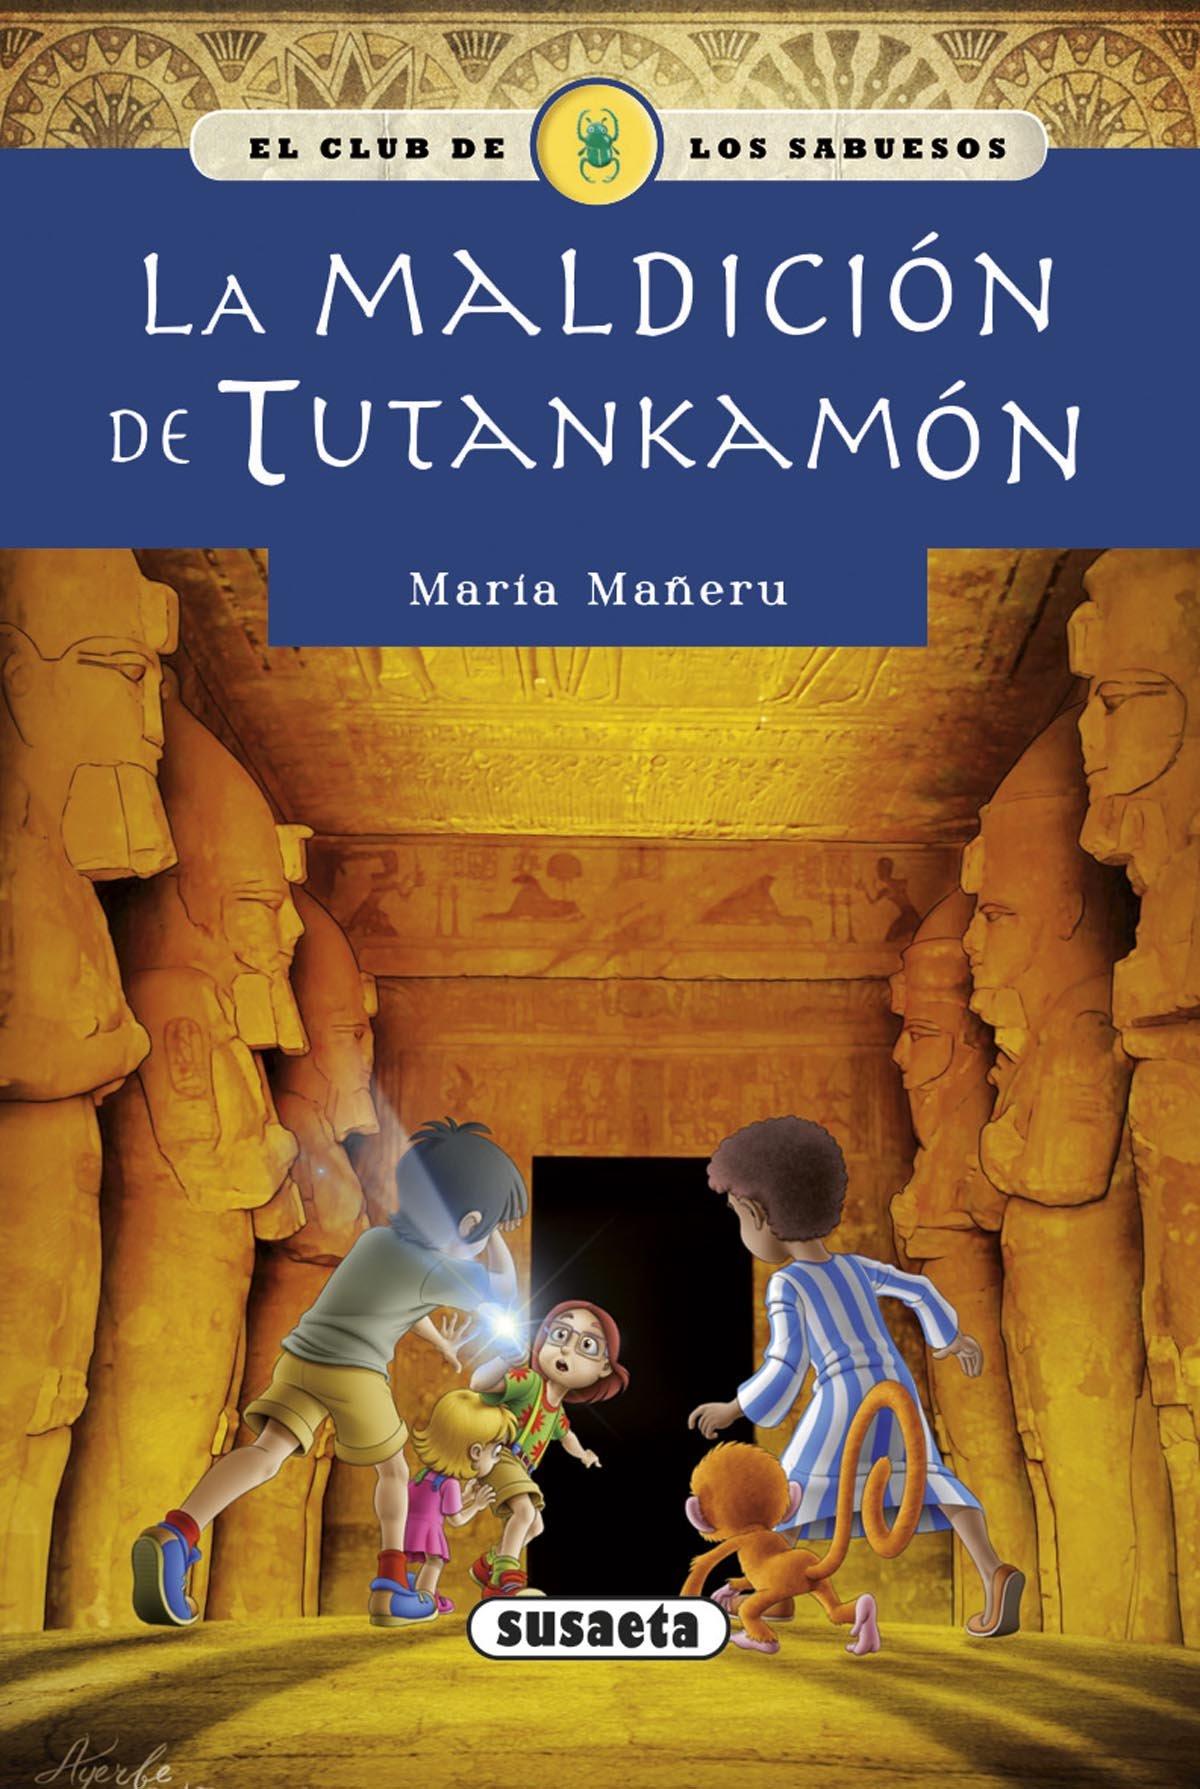 La maldición de Tutankamón (EL CLUB DE LOS SABUESOS) (Spanish Edition)  (Spanish) Paperback – November 1, 2017